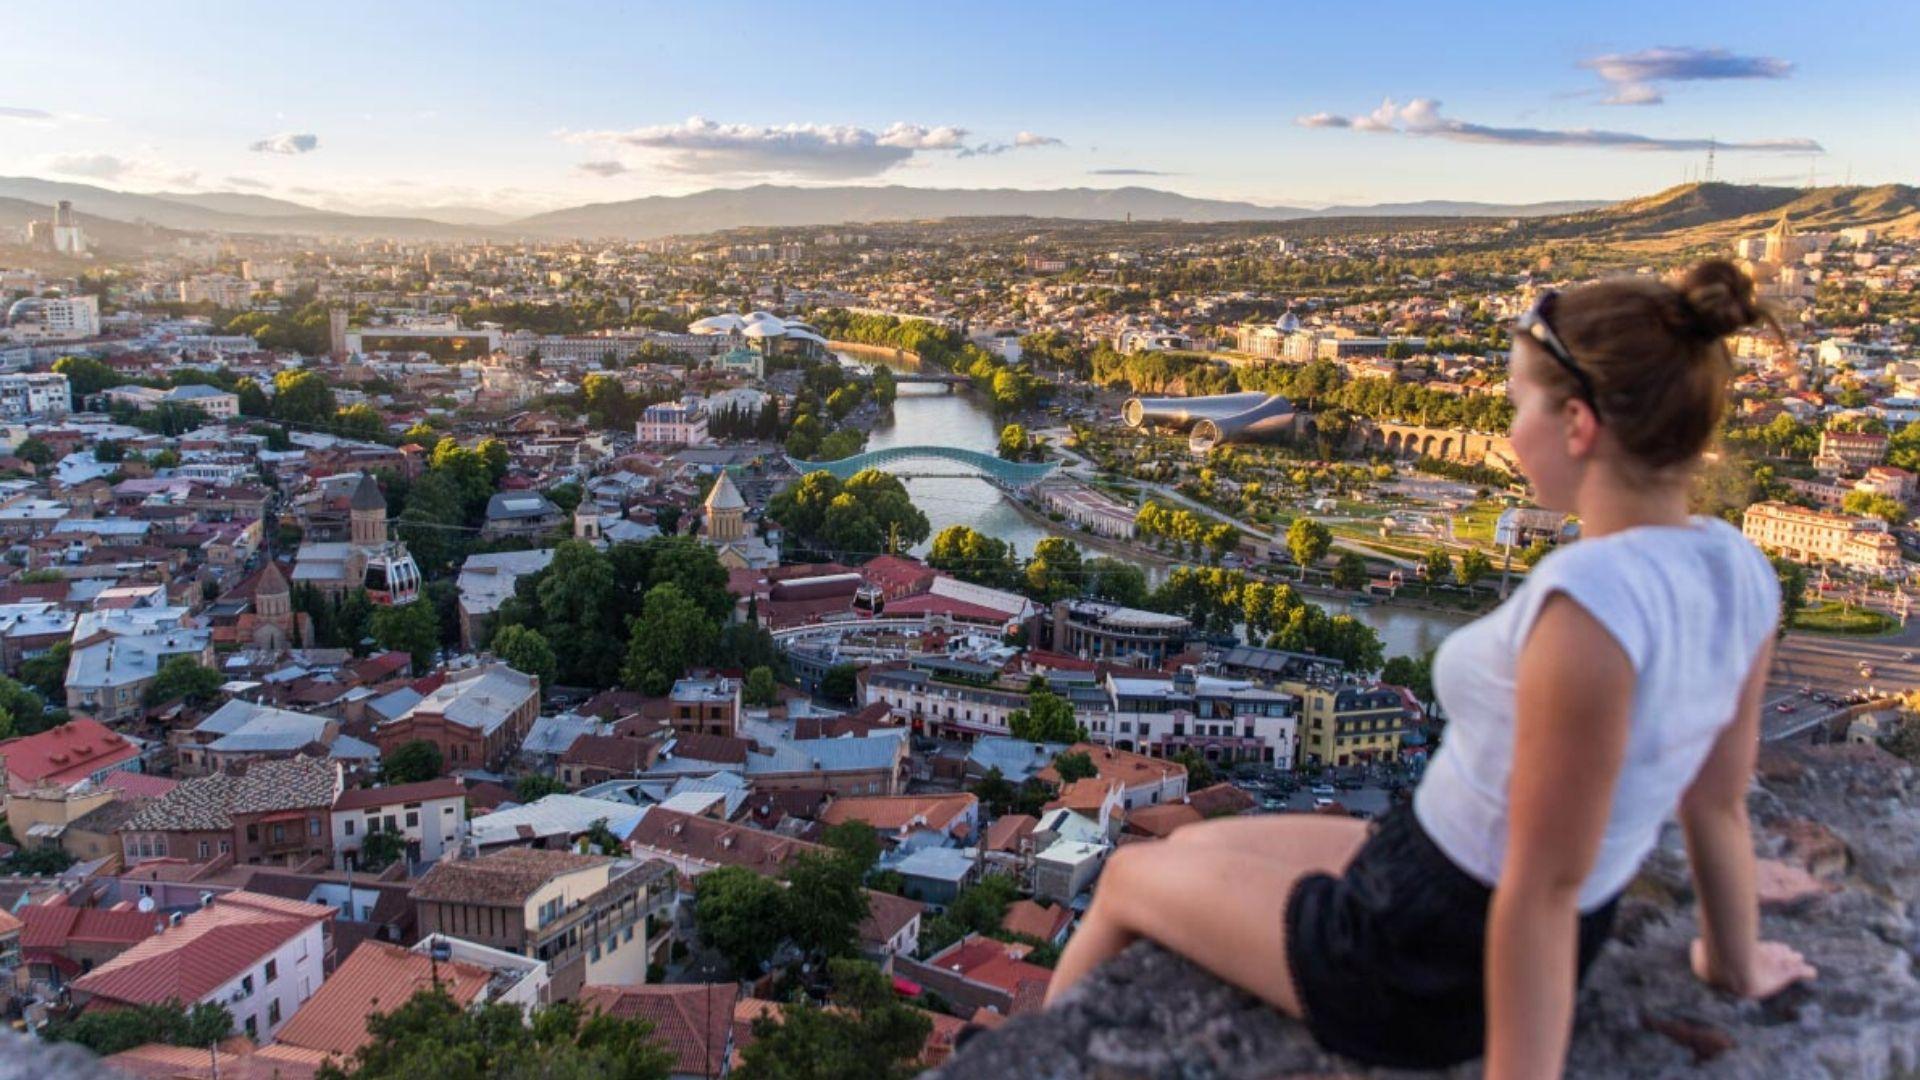 თბილისი და ბათუმი ტურისტებისთვის პანდემიის თაშესაფარს წარმოადგენს – European Best Destination